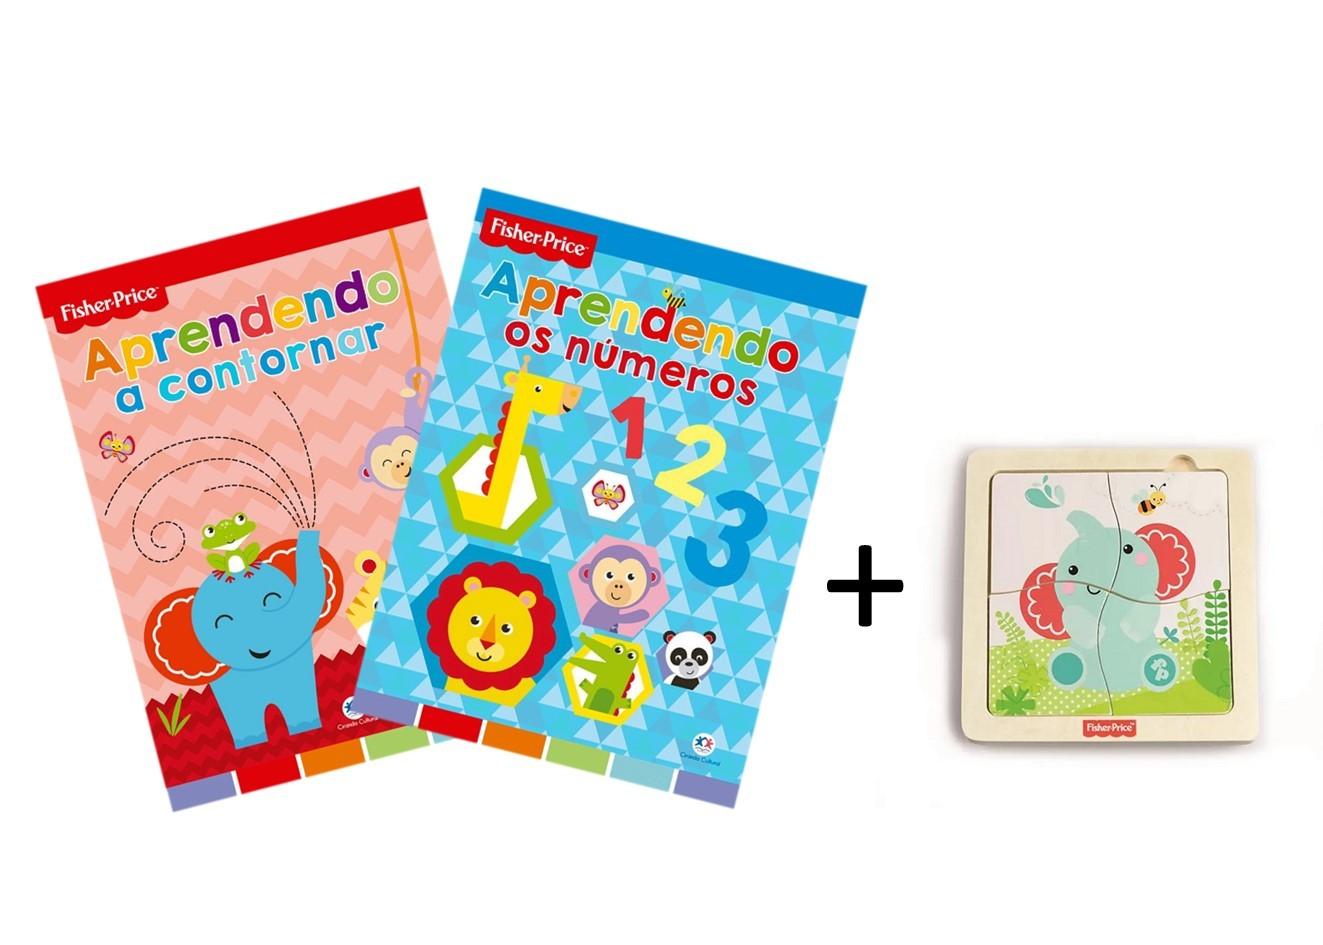 Kit Livro + Brinquedo, da Fisher-Price - Cód. BR989 + LP014 + LP016